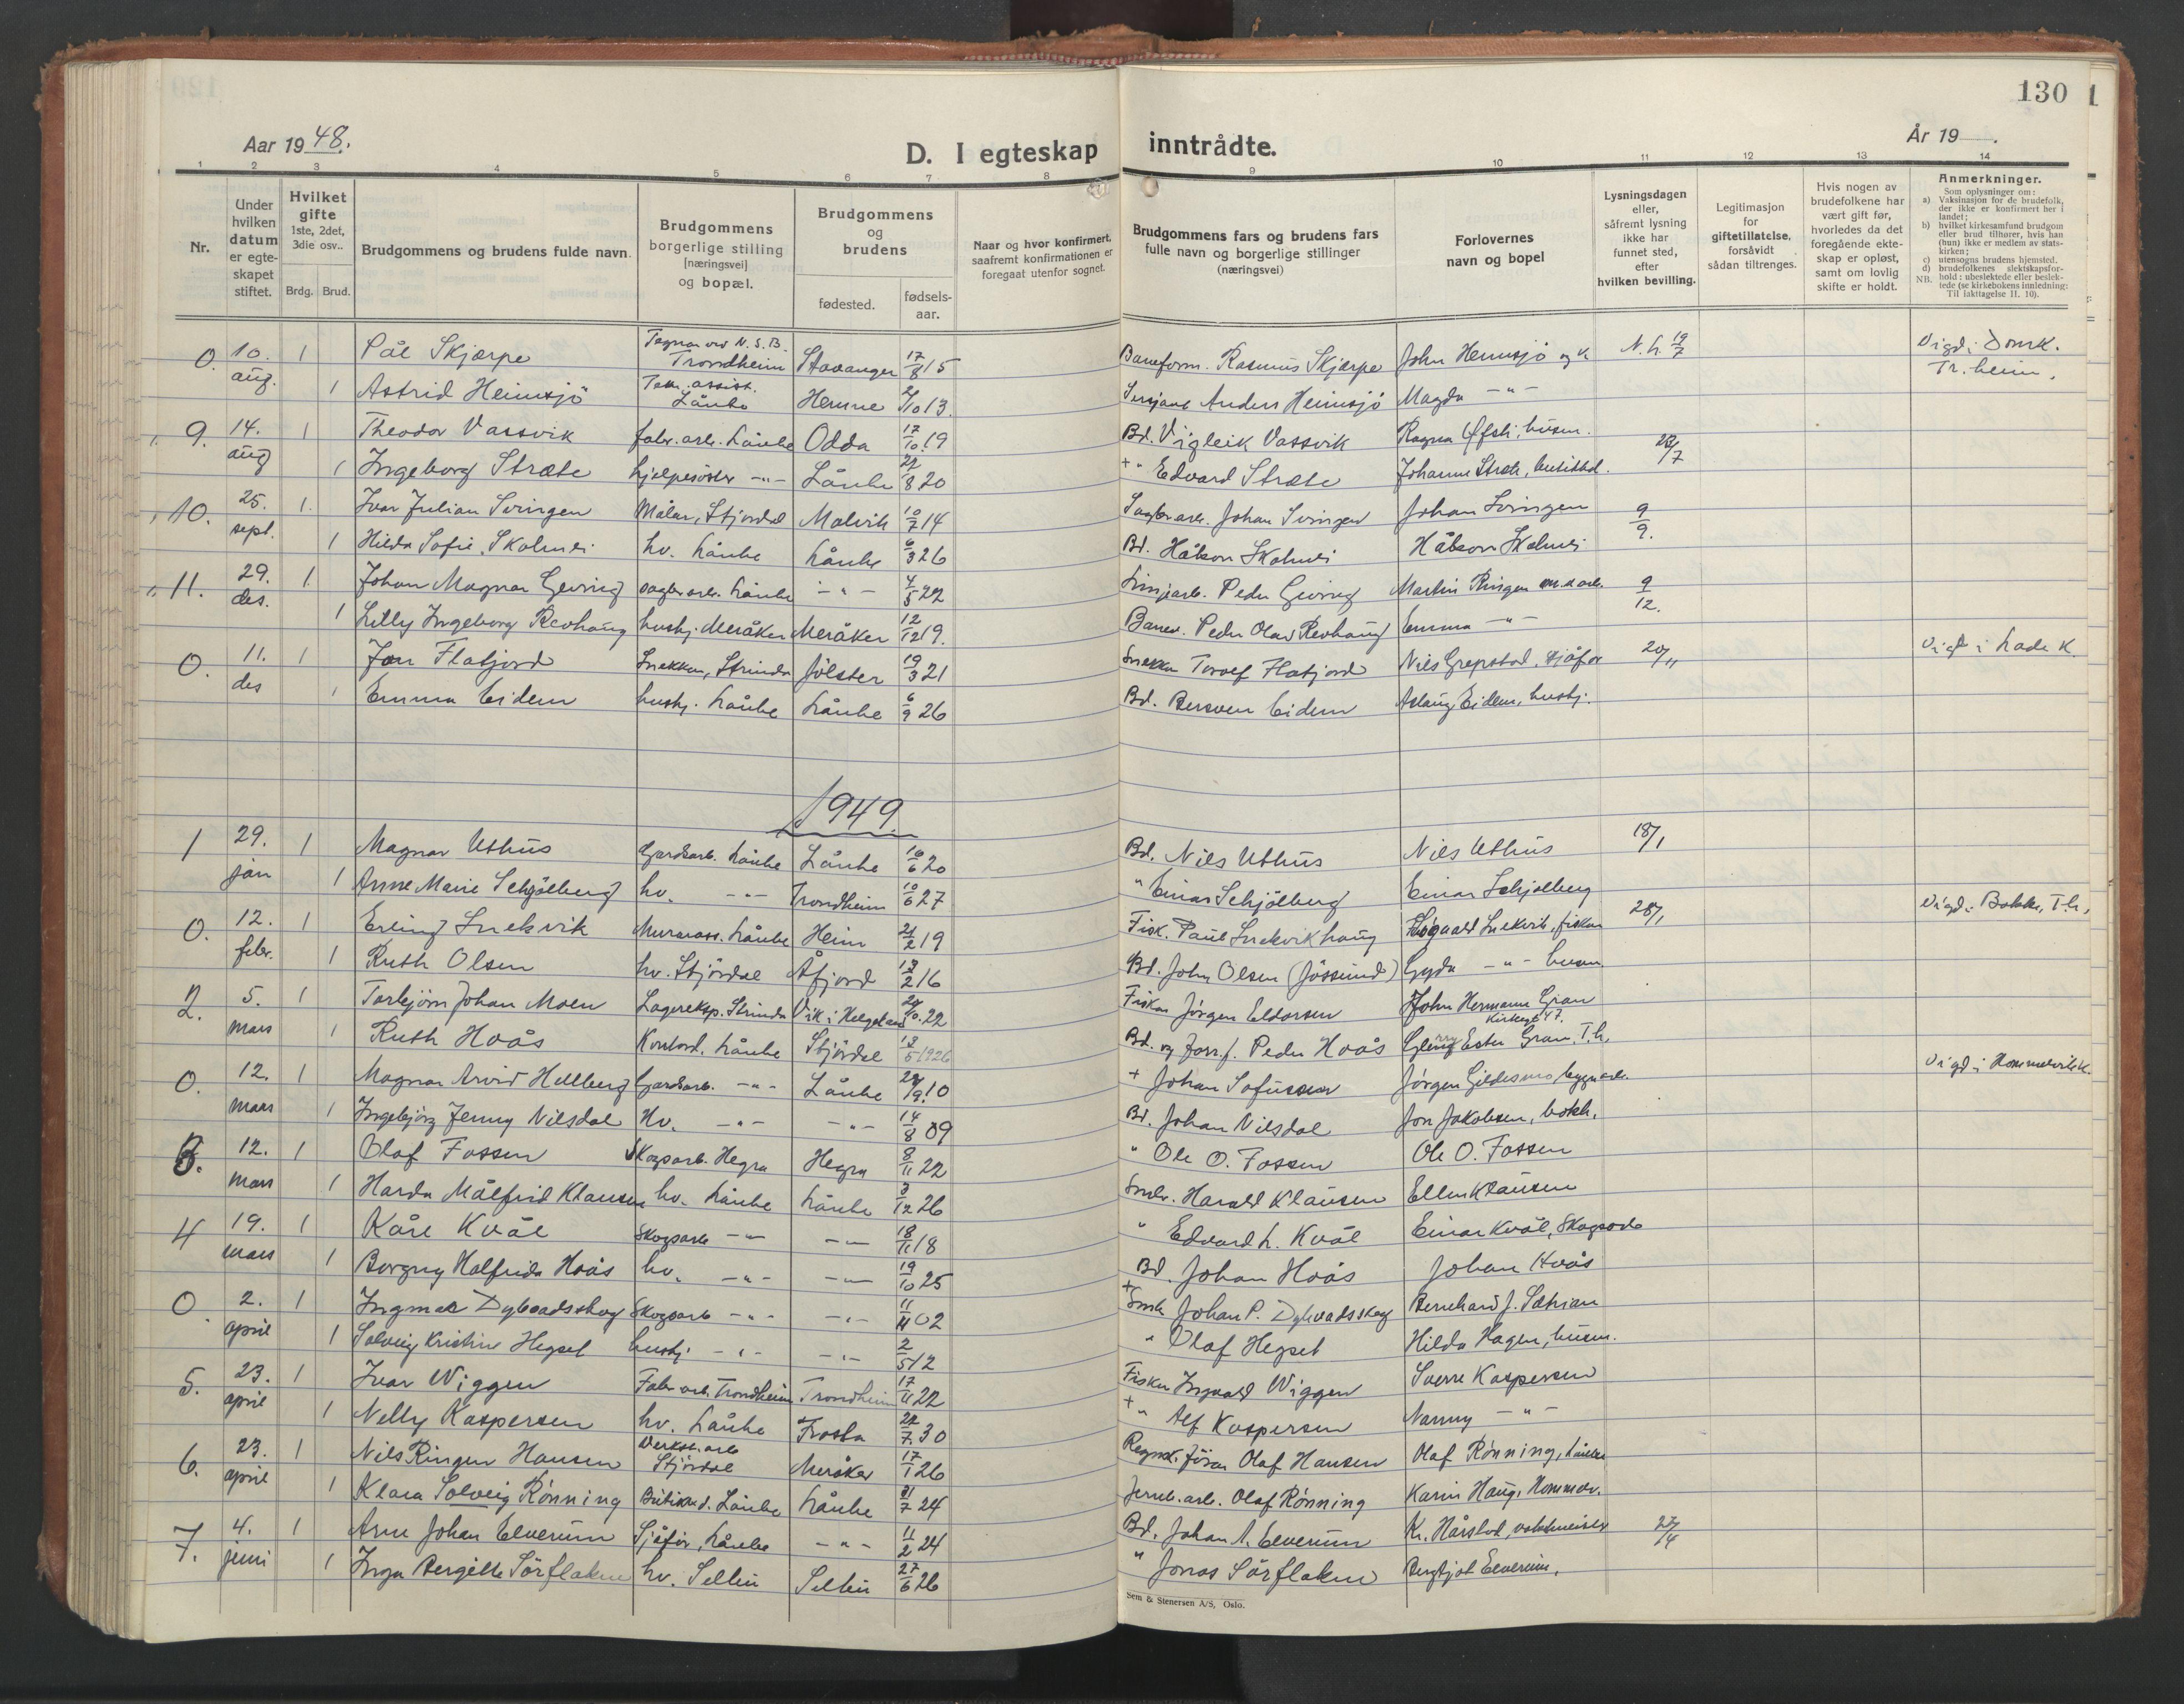 SAT, Ministerialprotokoller, klokkerbøker og fødselsregistre - Nord-Trøndelag, 710/L0097: Klokkerbok nr. 710C02, 1925-1955, s. 130